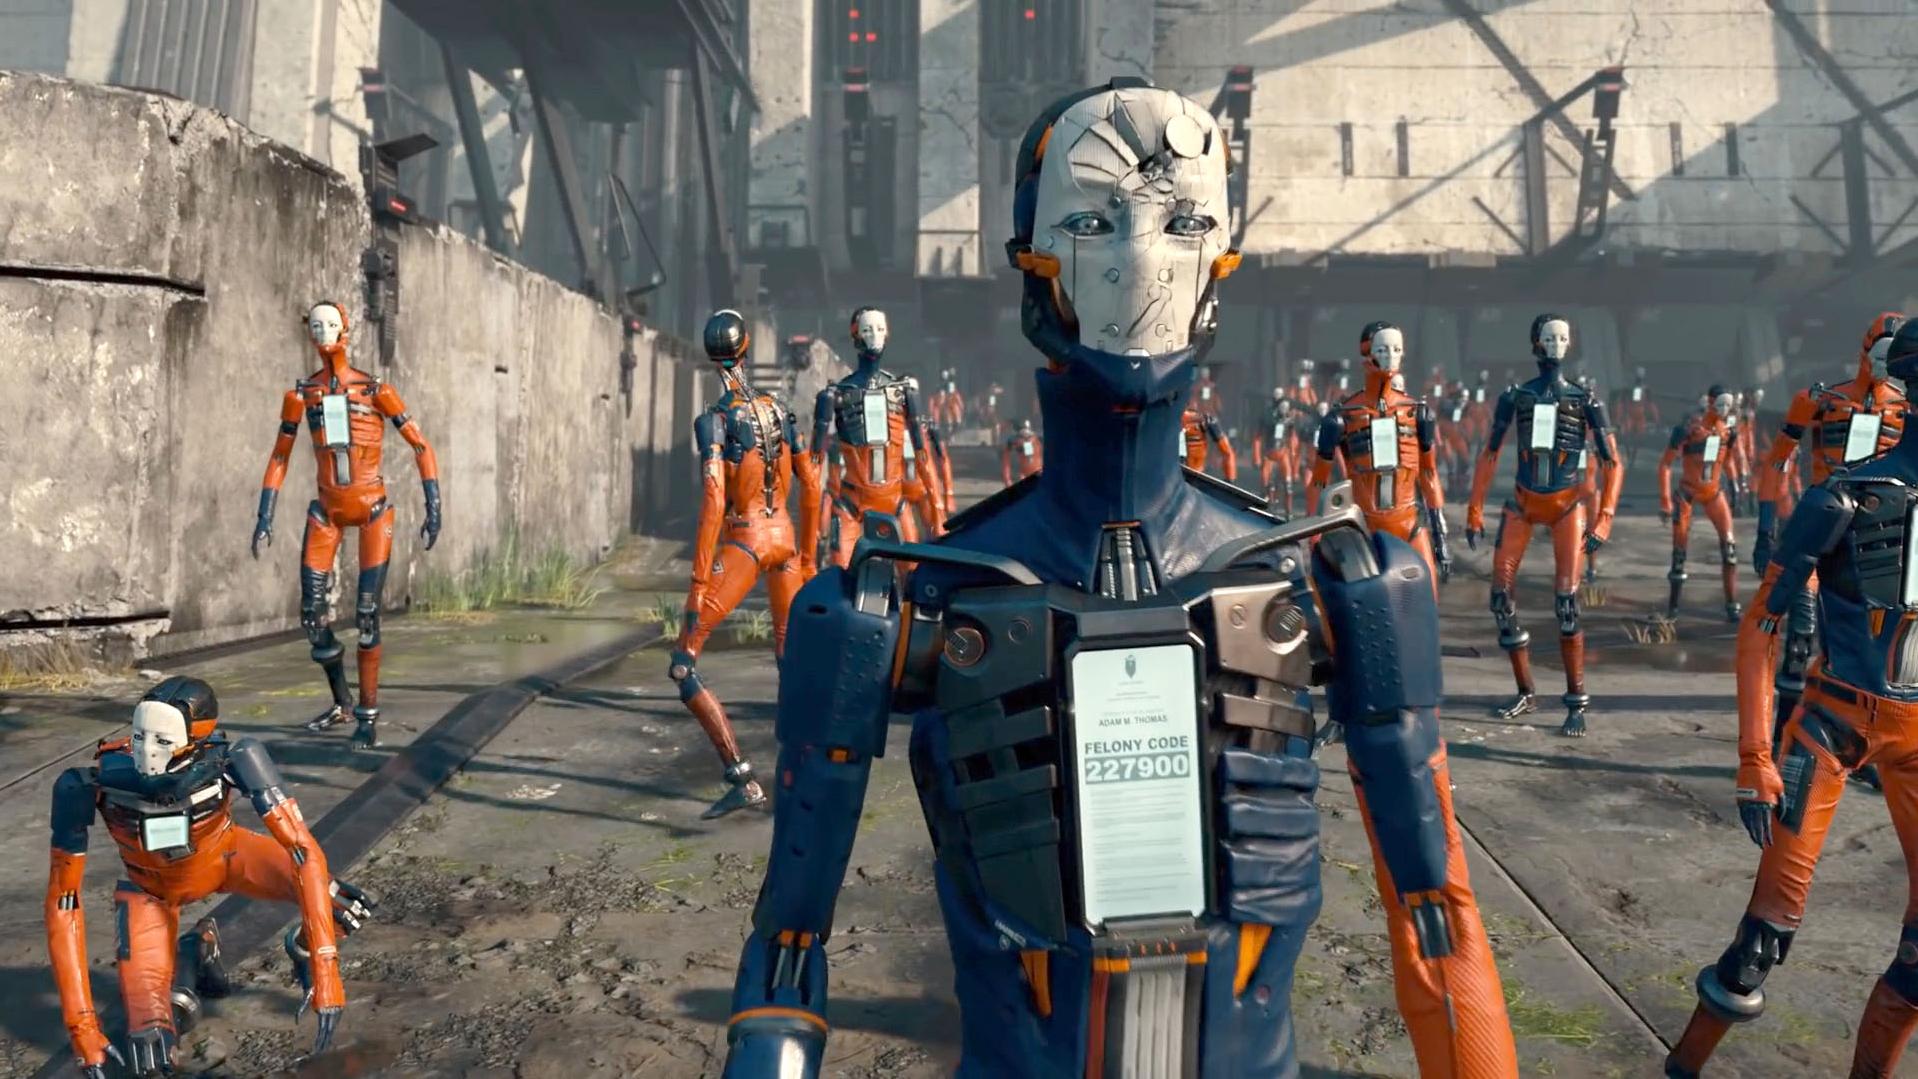 在未来,人类只要犯罪,就会被清除记忆,改造成机器人!速看科幻短片《亚当》